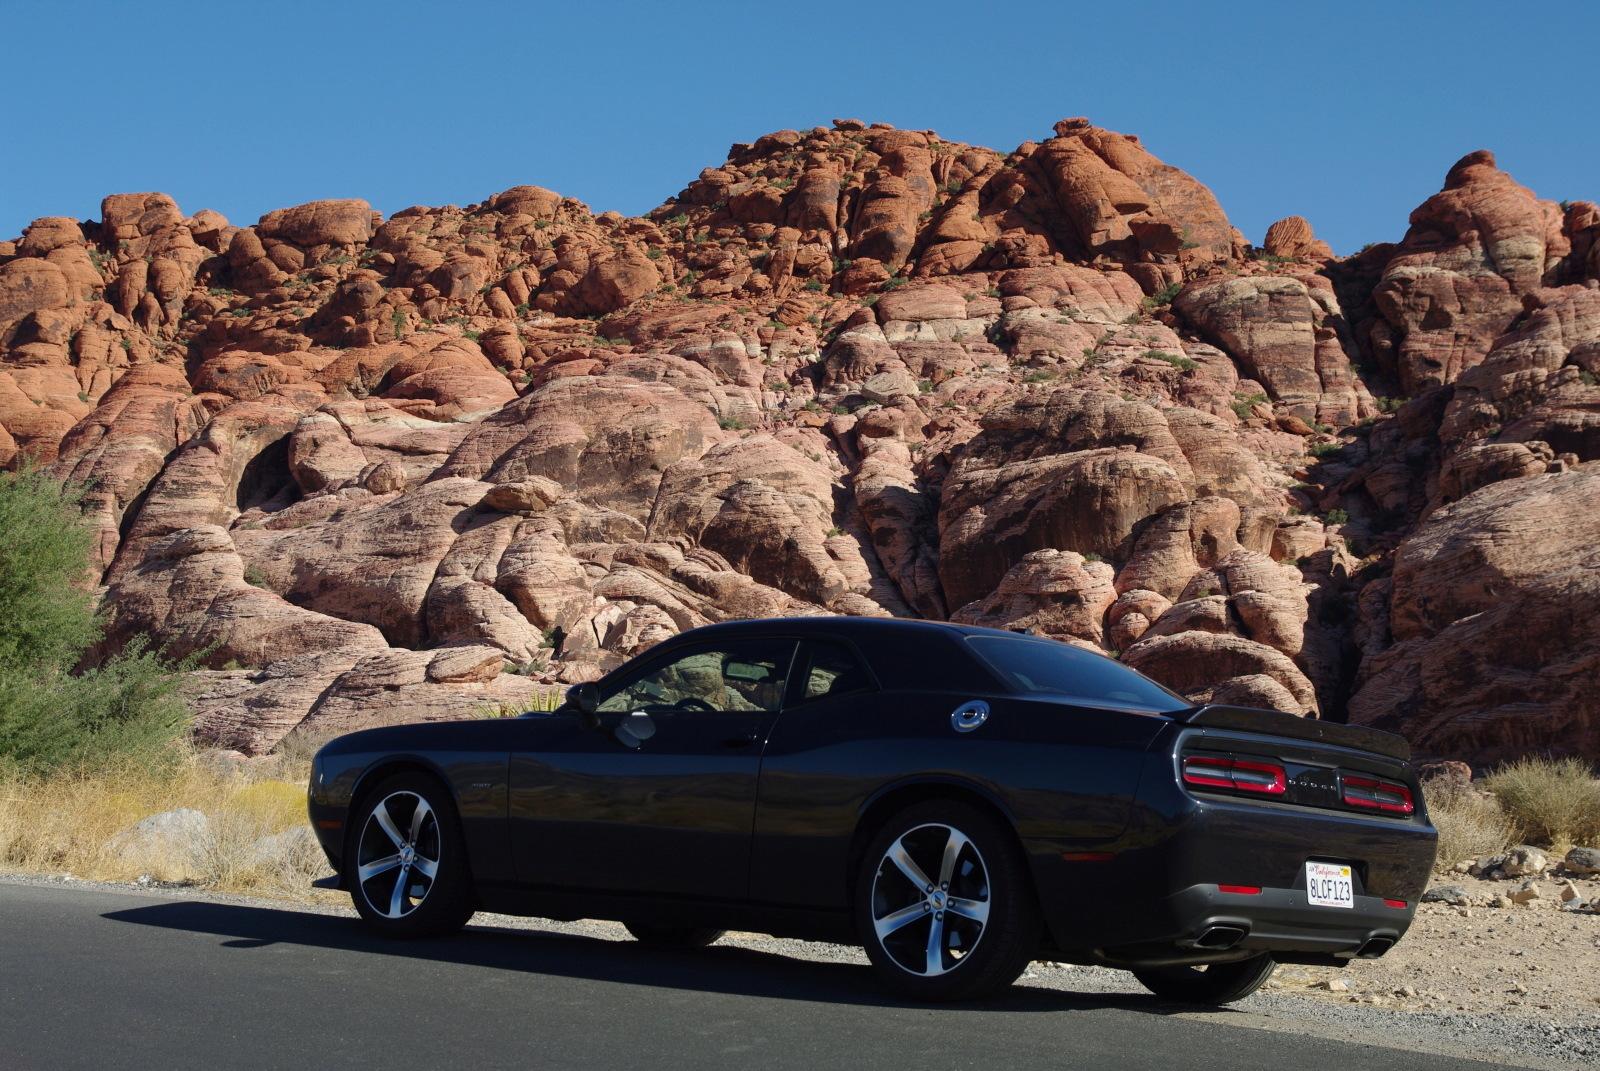 Road Trip / Ouest des USA en Challenger de location -Part II Imgpk228